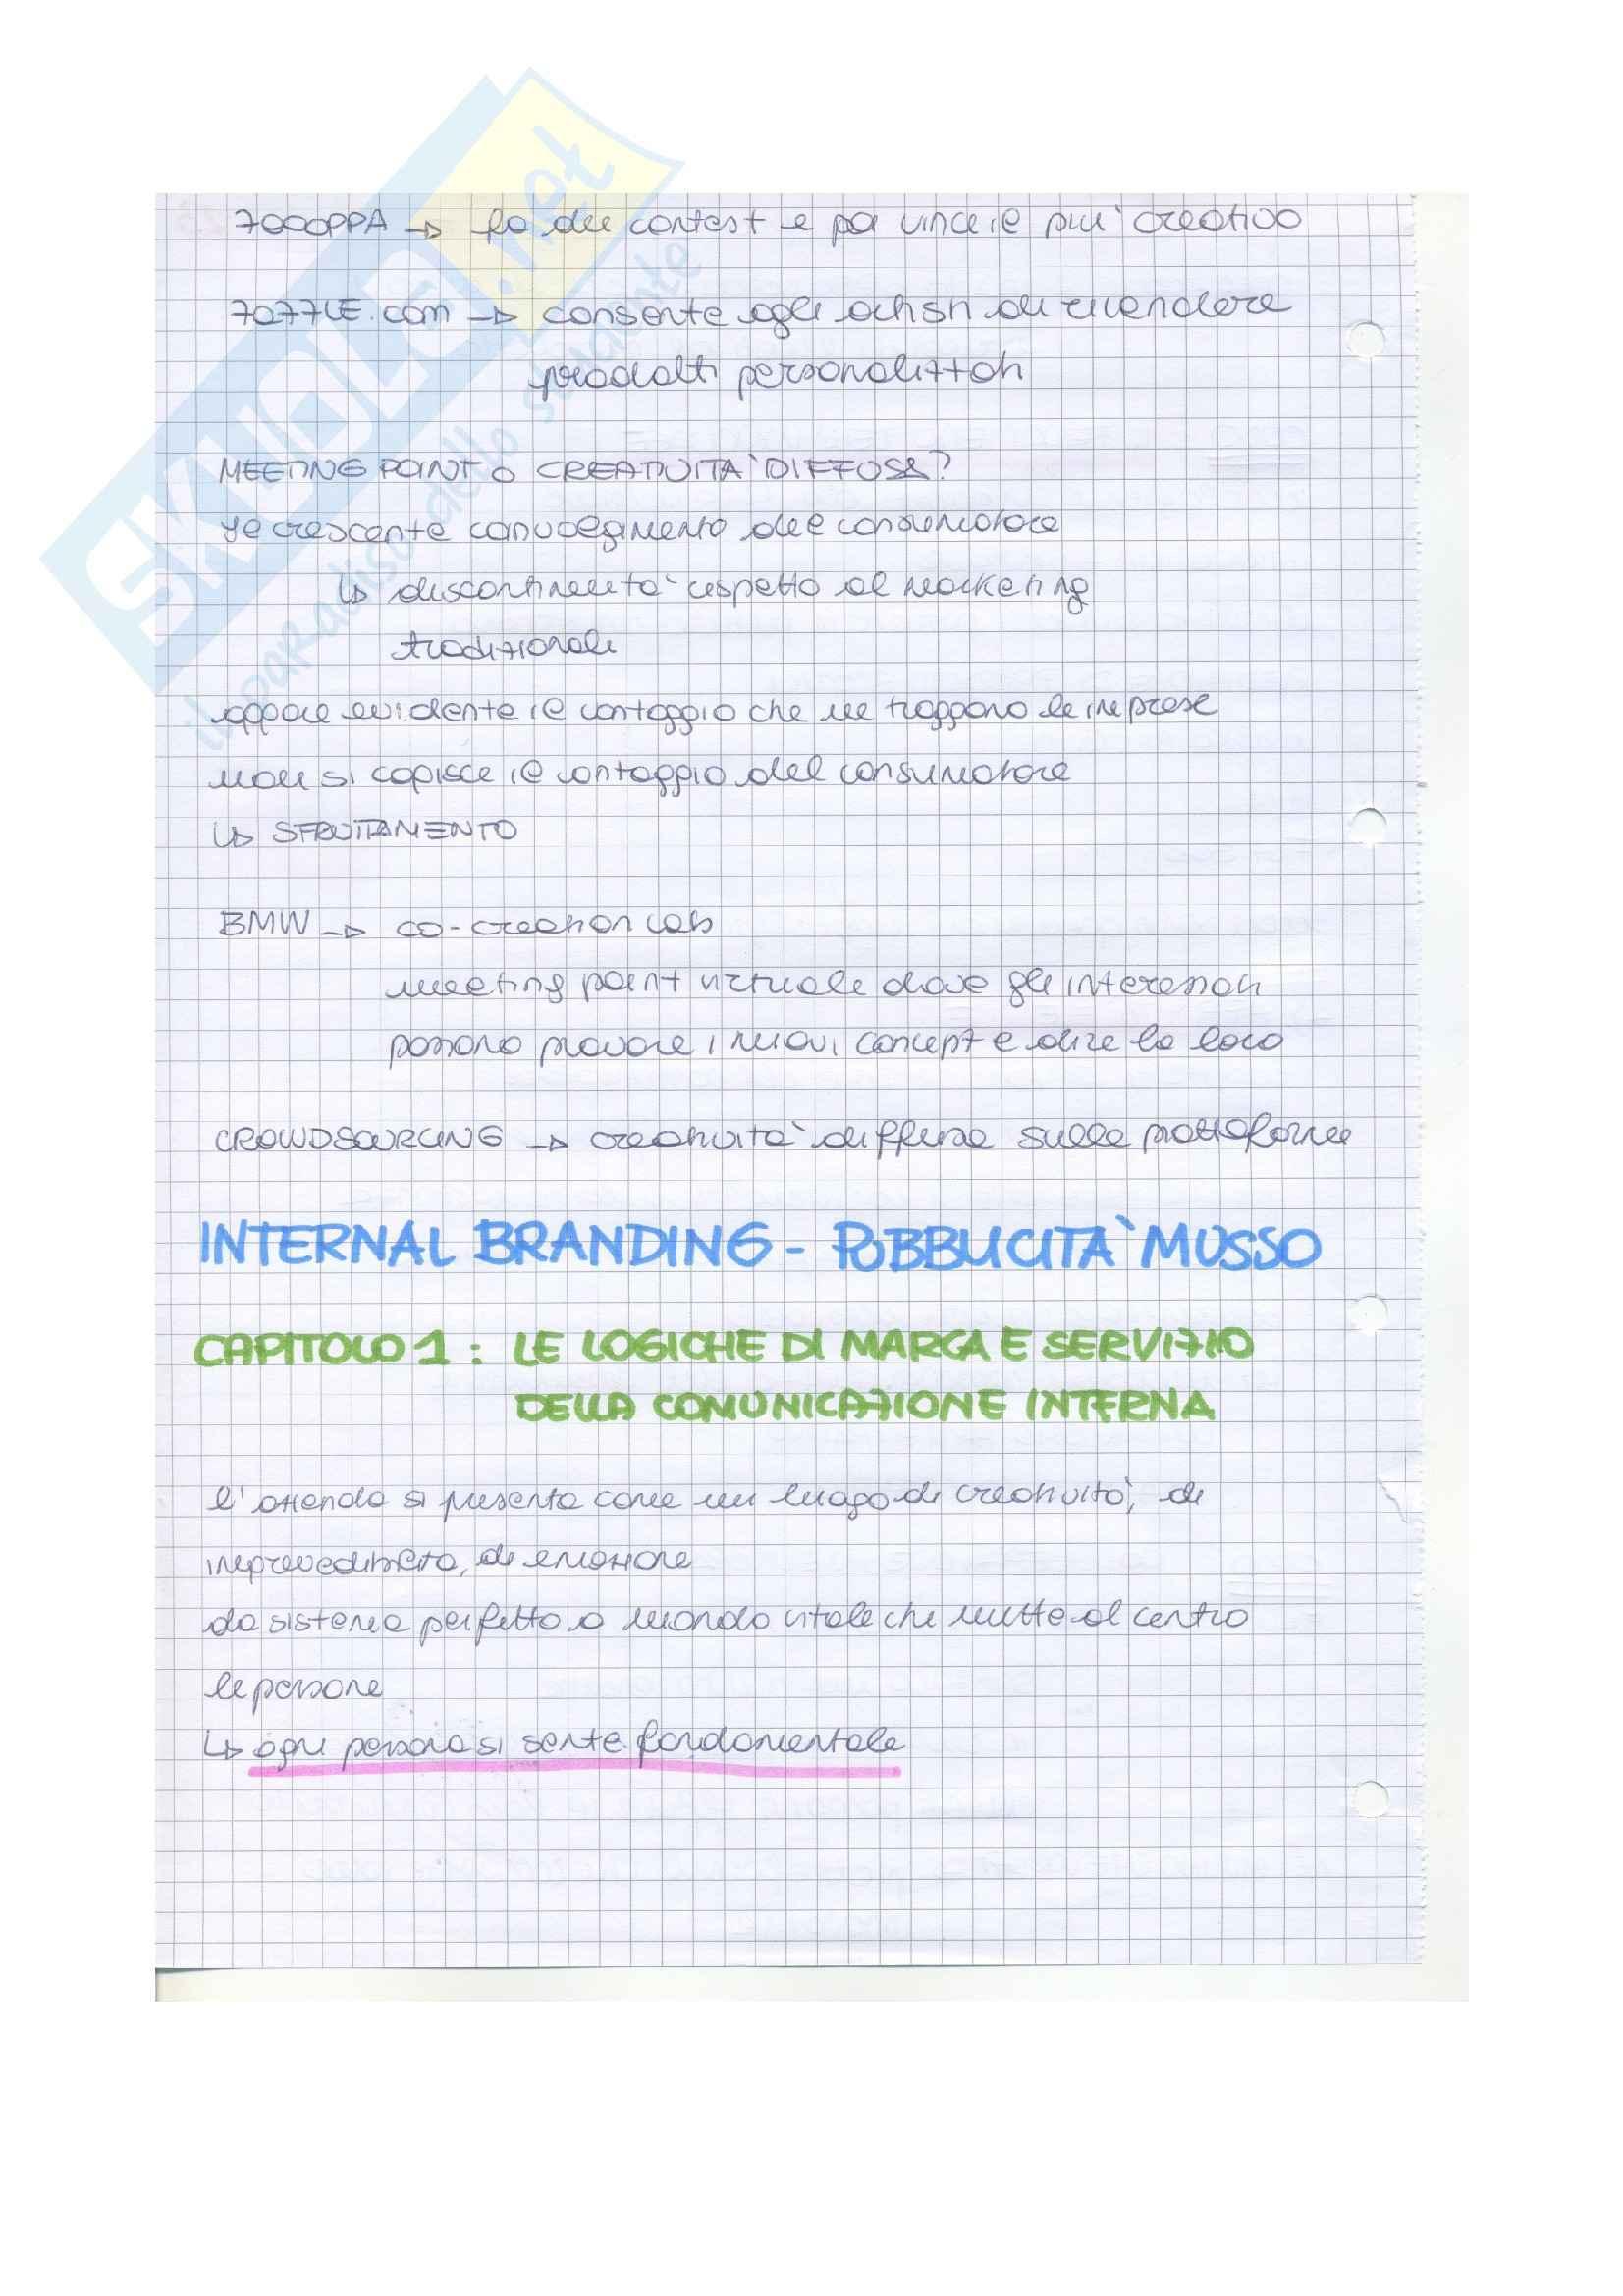 Riassunto esame Linguaggi, prof. Musso, libro consigliato Internal branding: strategia di marca per la cultura di impresa, Musso